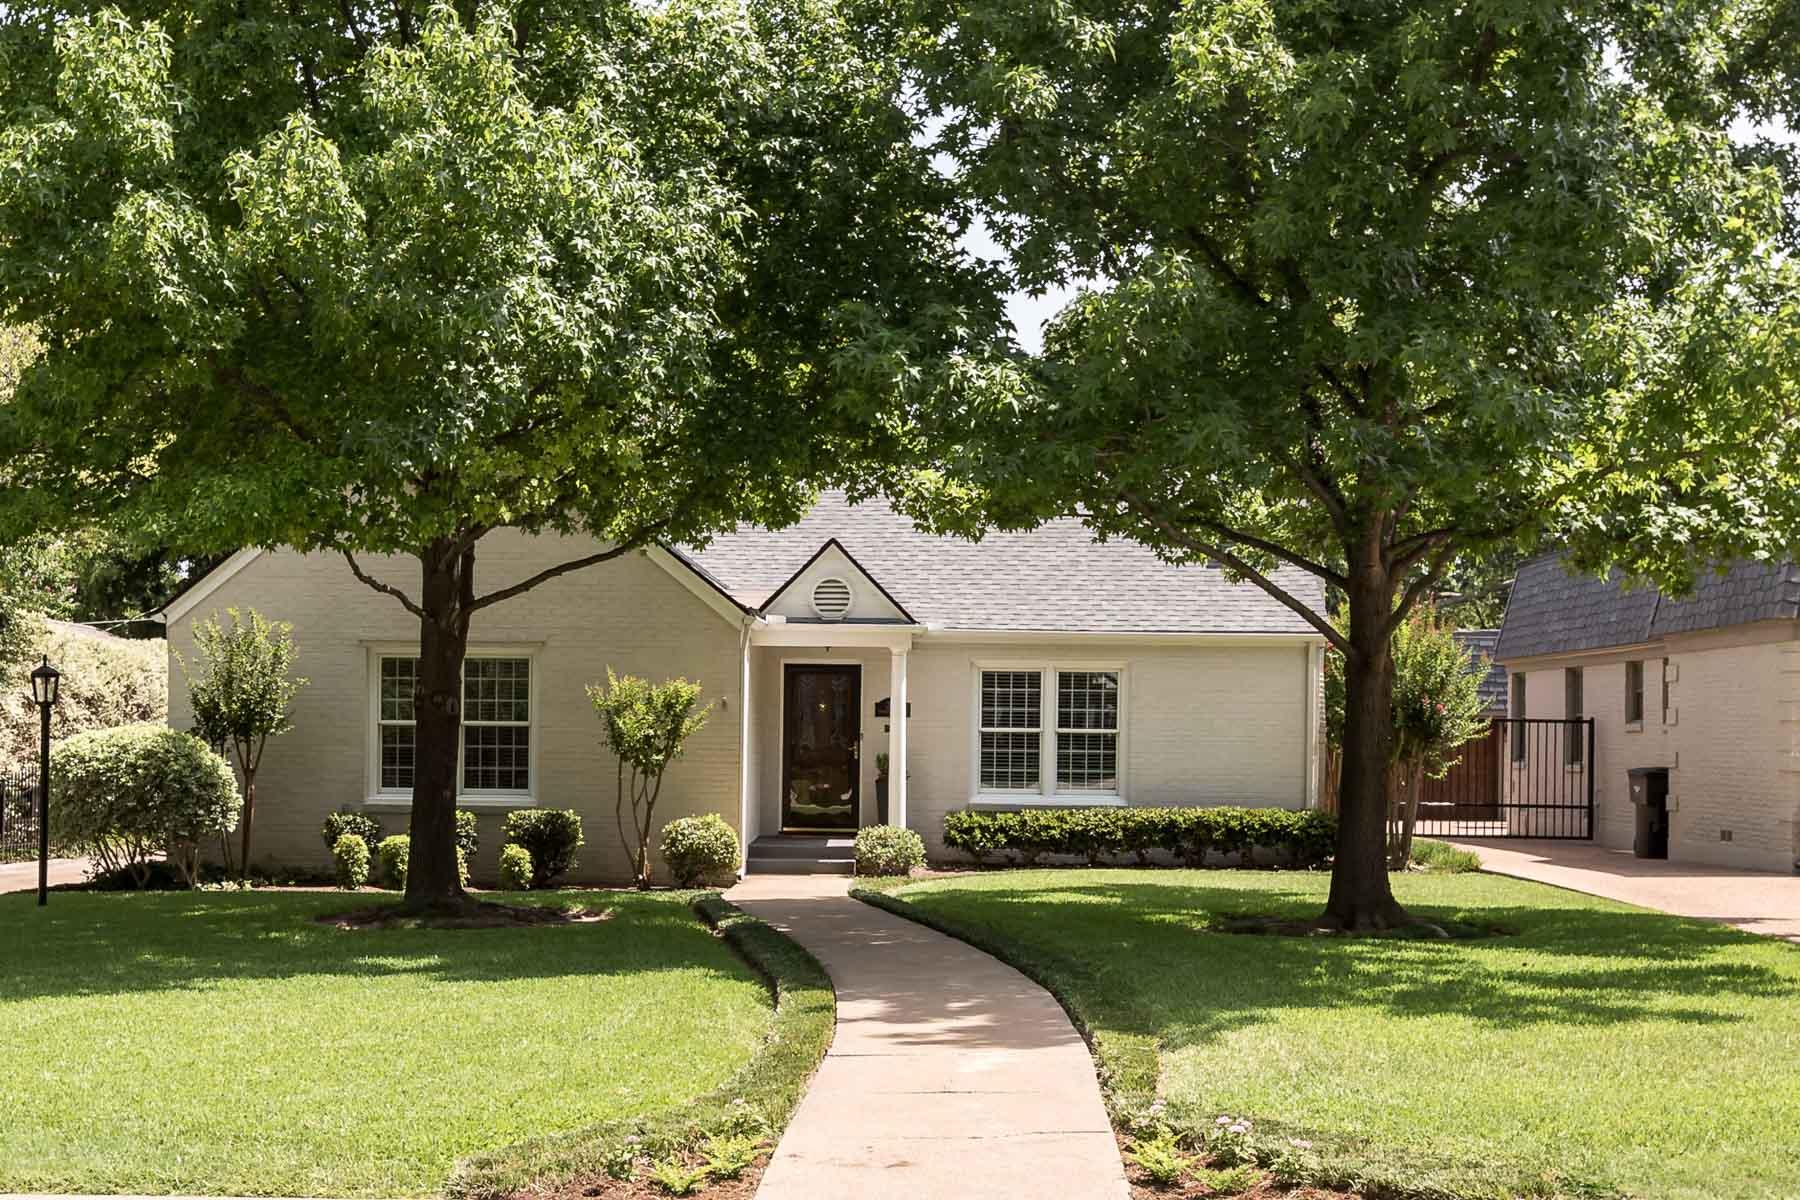 独户住宅 为 销售 在 Charming home within walking distance from TCU 3611 Westcliff Rd. S 沃斯堡市, 得克萨斯州, 76109 美国